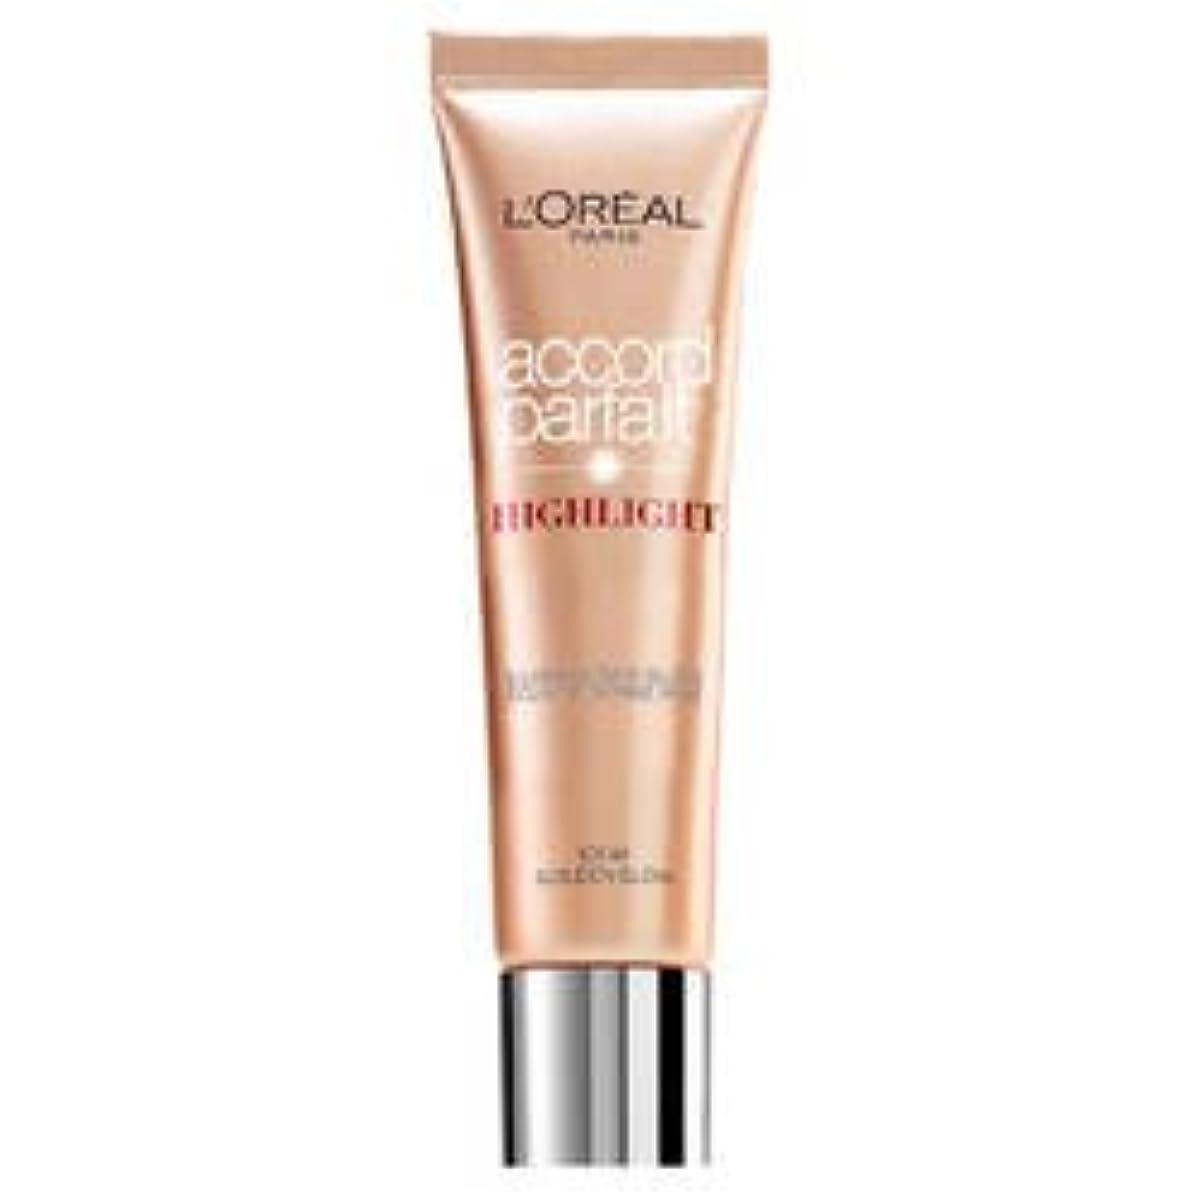 劣る青写真ガムL 'Oréal Paris Accord Parfait Highlight Enlumineur Liquide 101 Dore